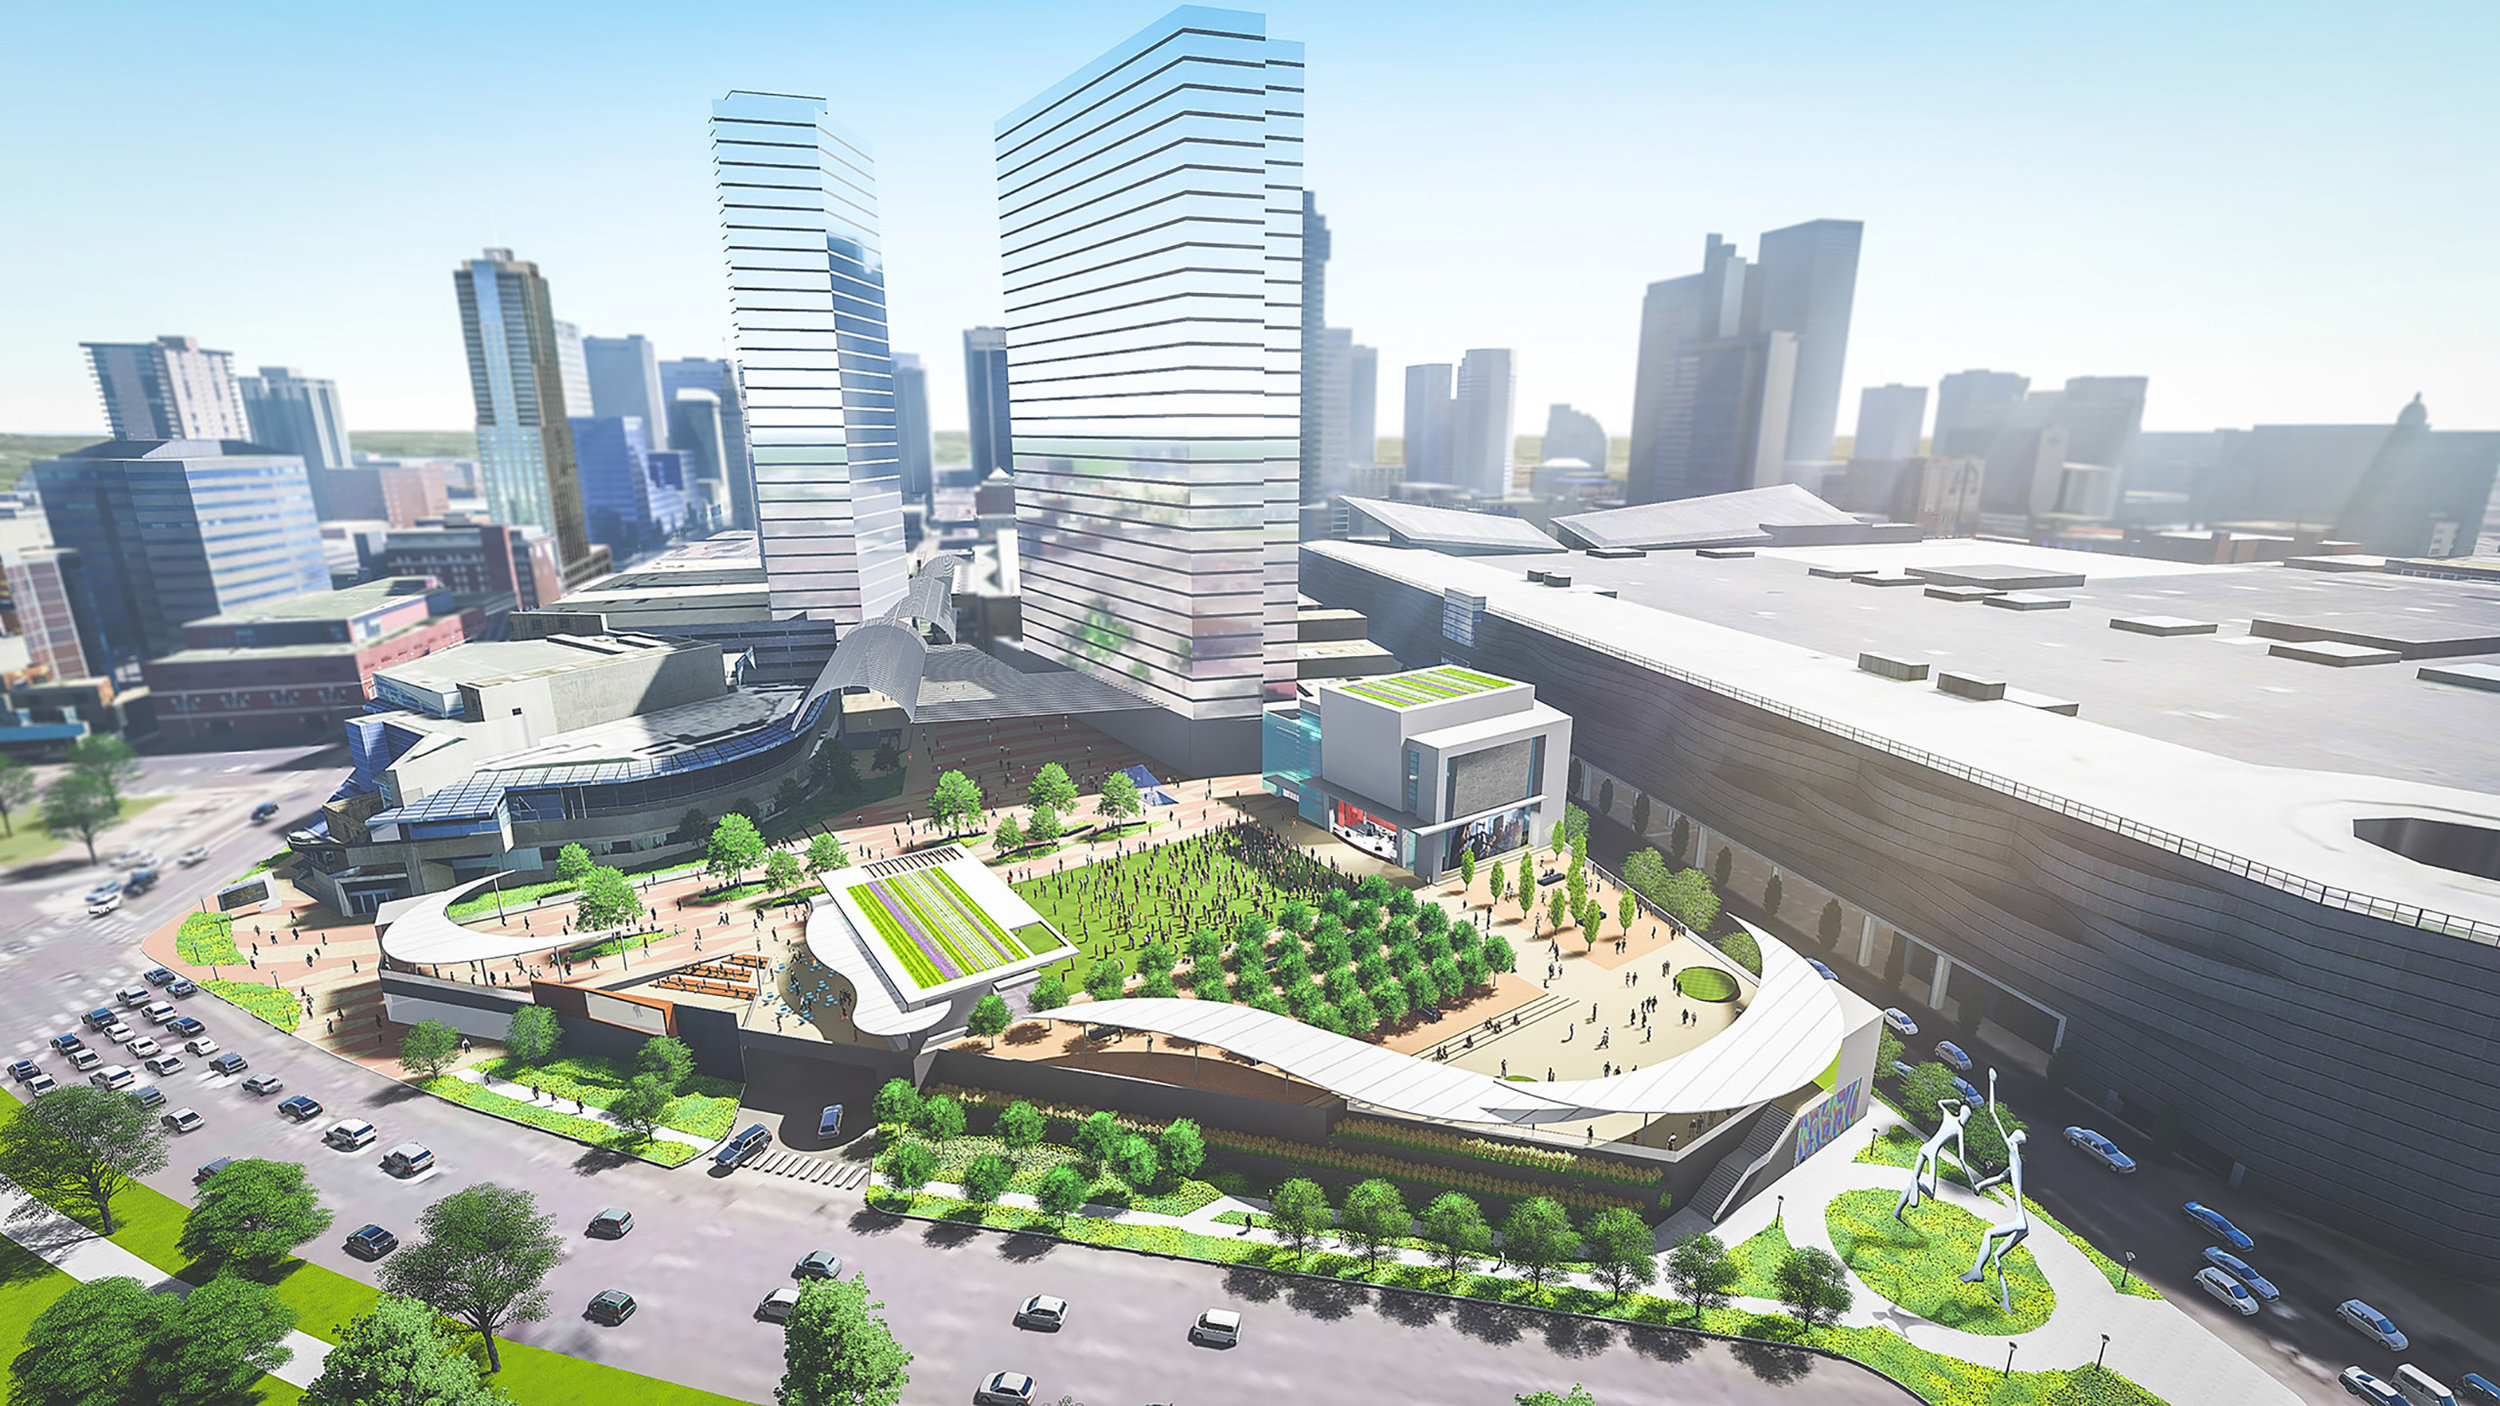 <f>Services</f><f>LandscapeArchitecture</f><f>Markets</f><f>Civic+Cultural</f><f>UrbanDesign</f><t>Sculpture Park</t><m>Confidential</m>